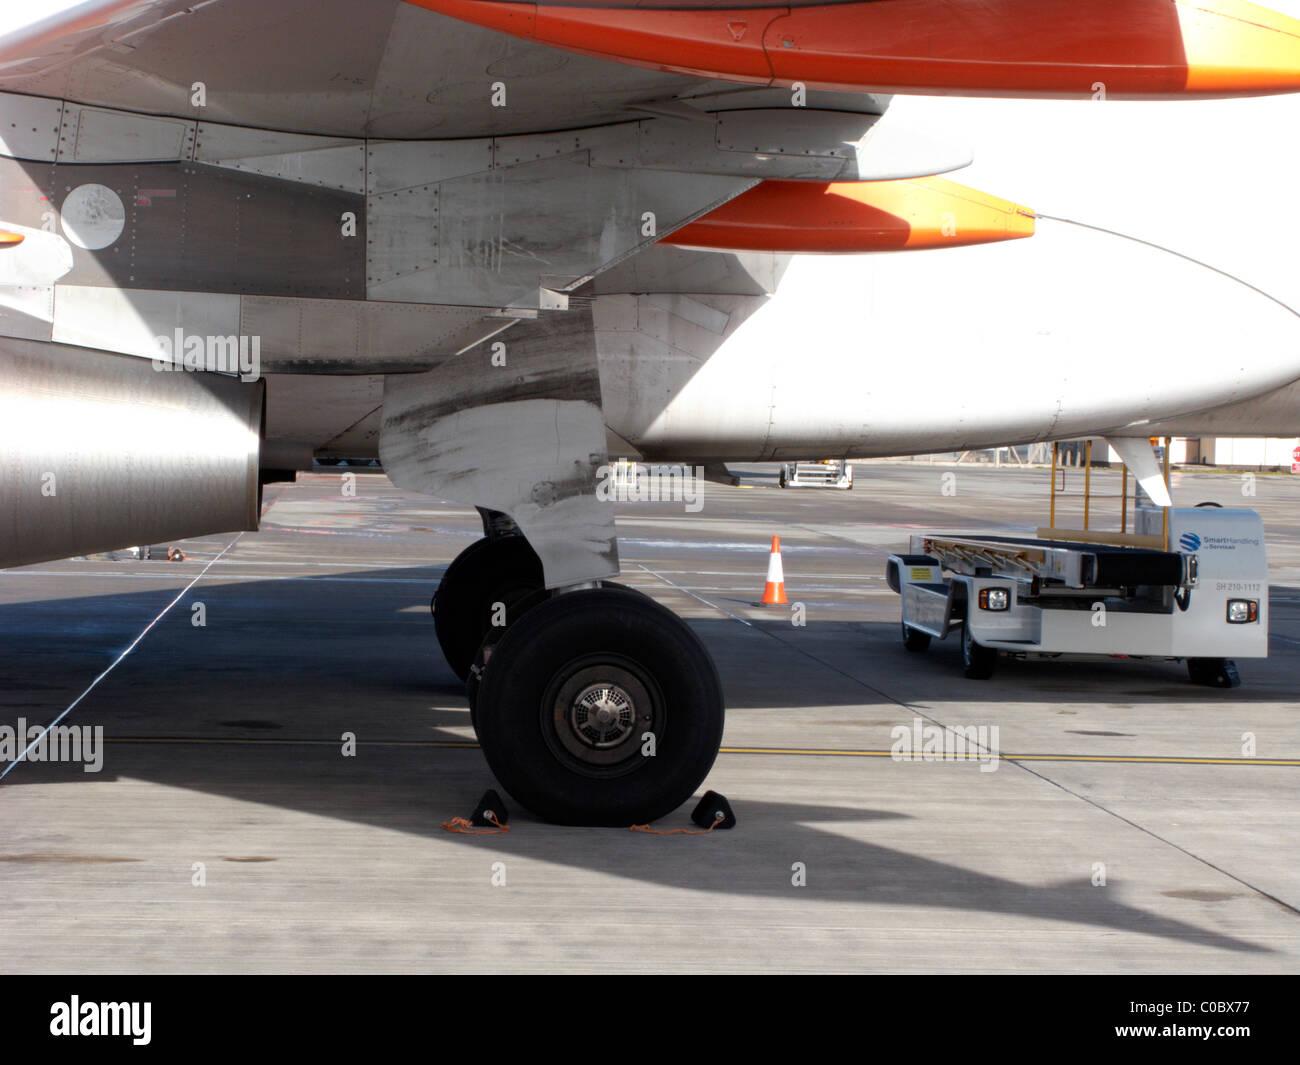 Ruote principali e guarniture parcheggiato easyjet a319 aeromobili Airbus Immagini Stock